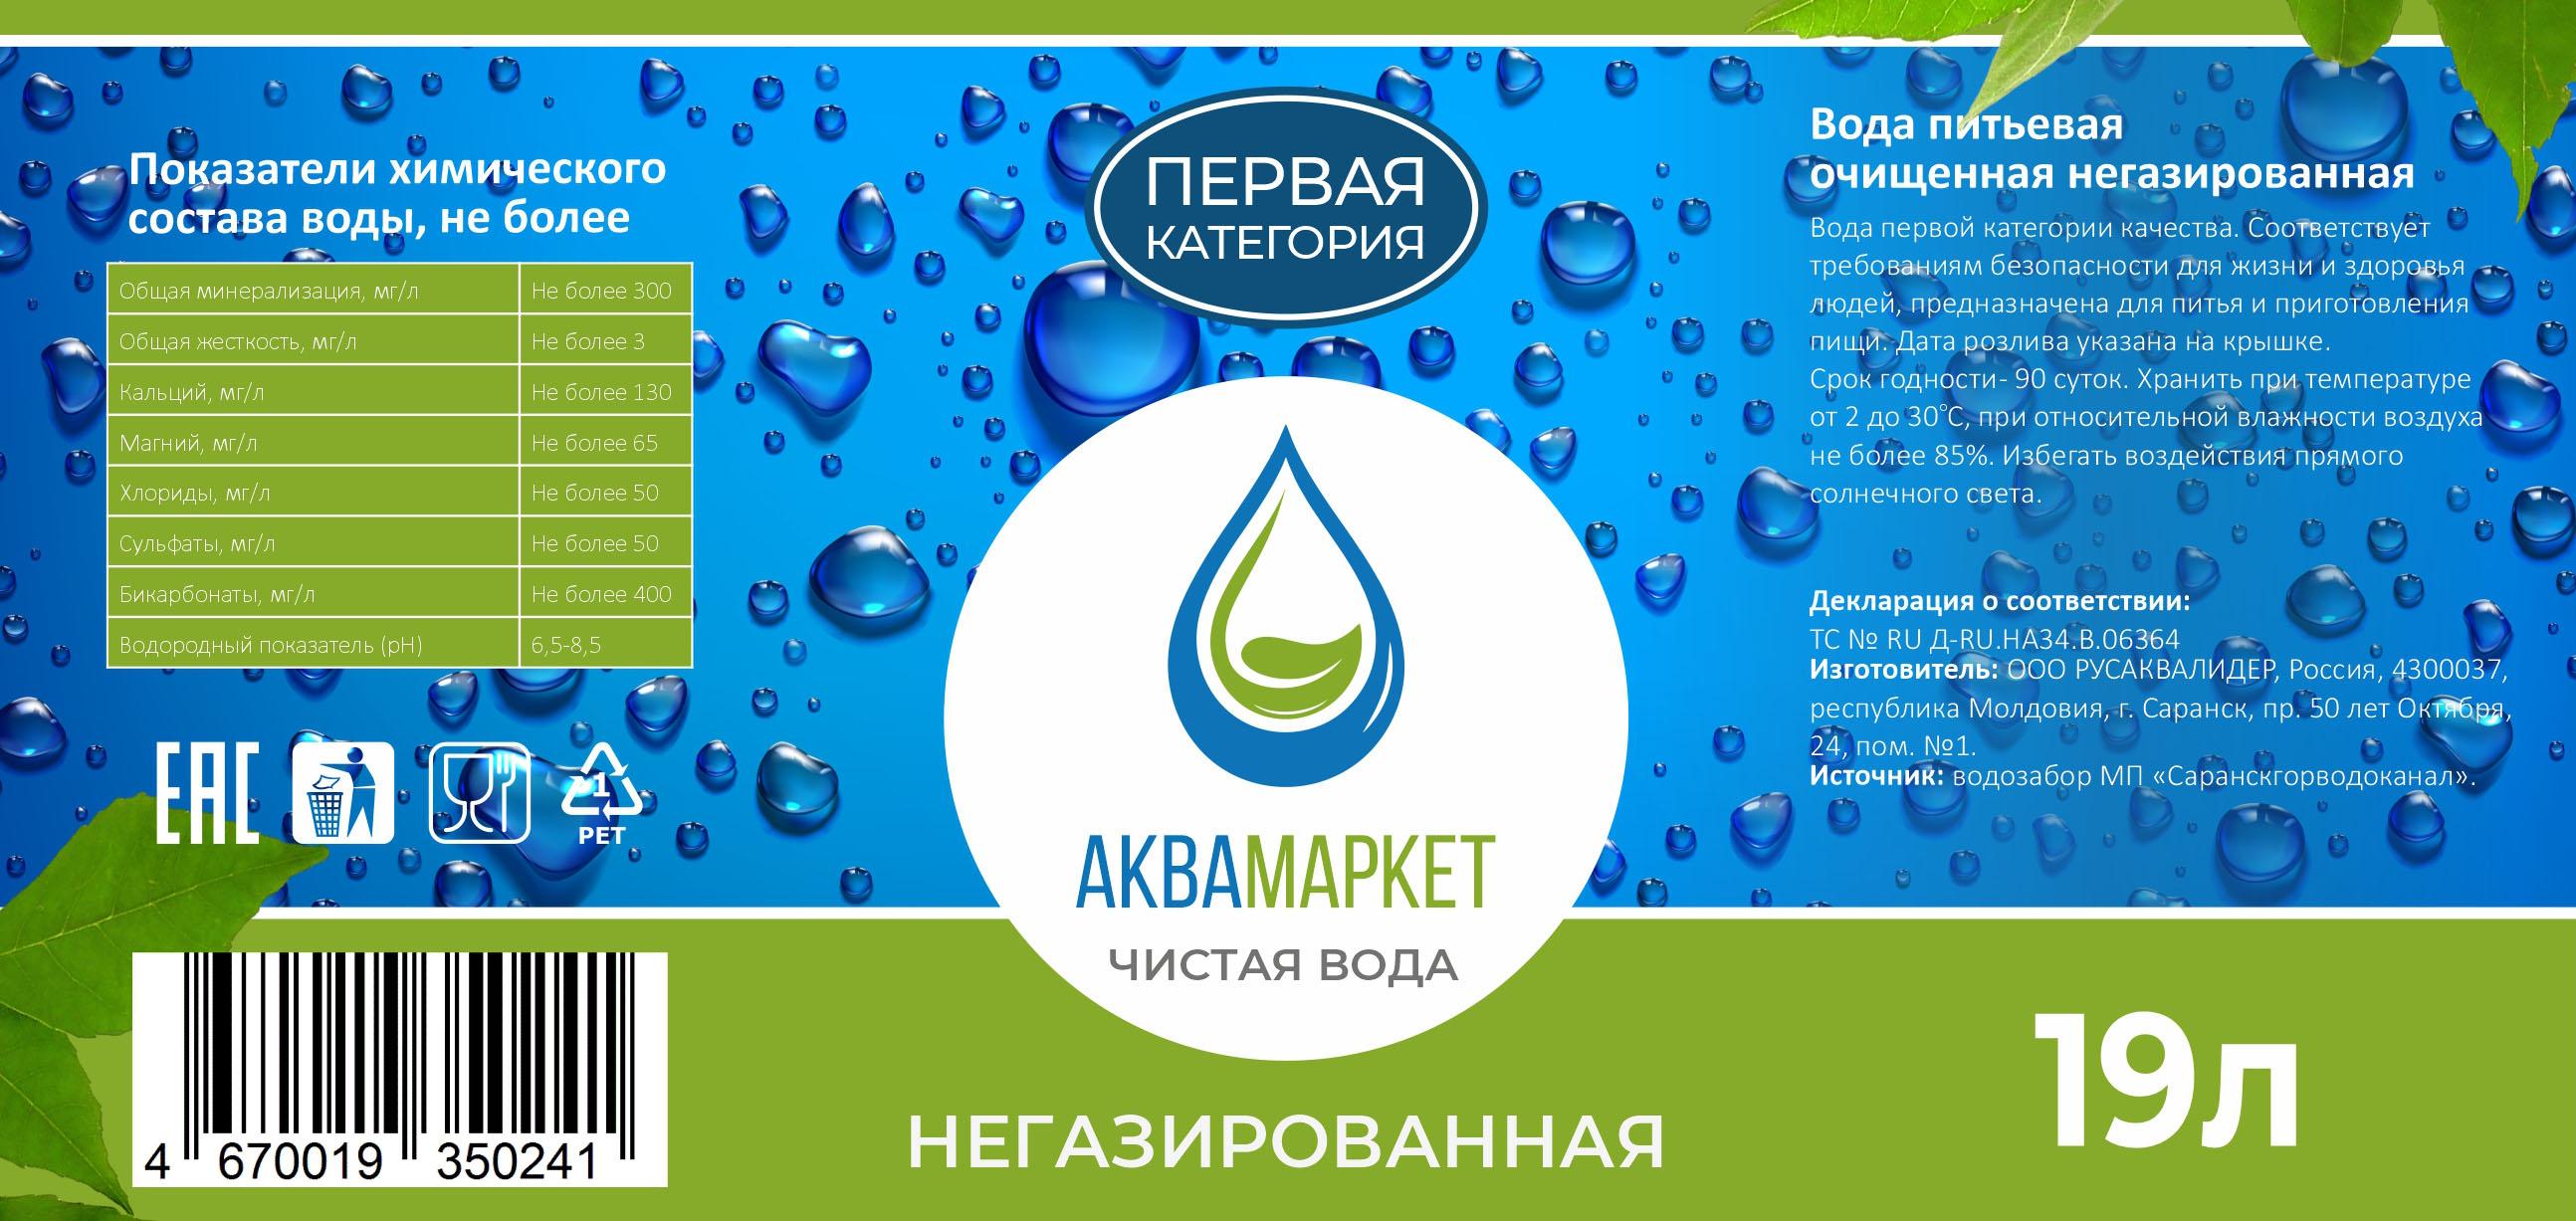 Разработка этикетки для питьевой воды в 19 литровых бутылях фото f_9635efff4334504e.jpg